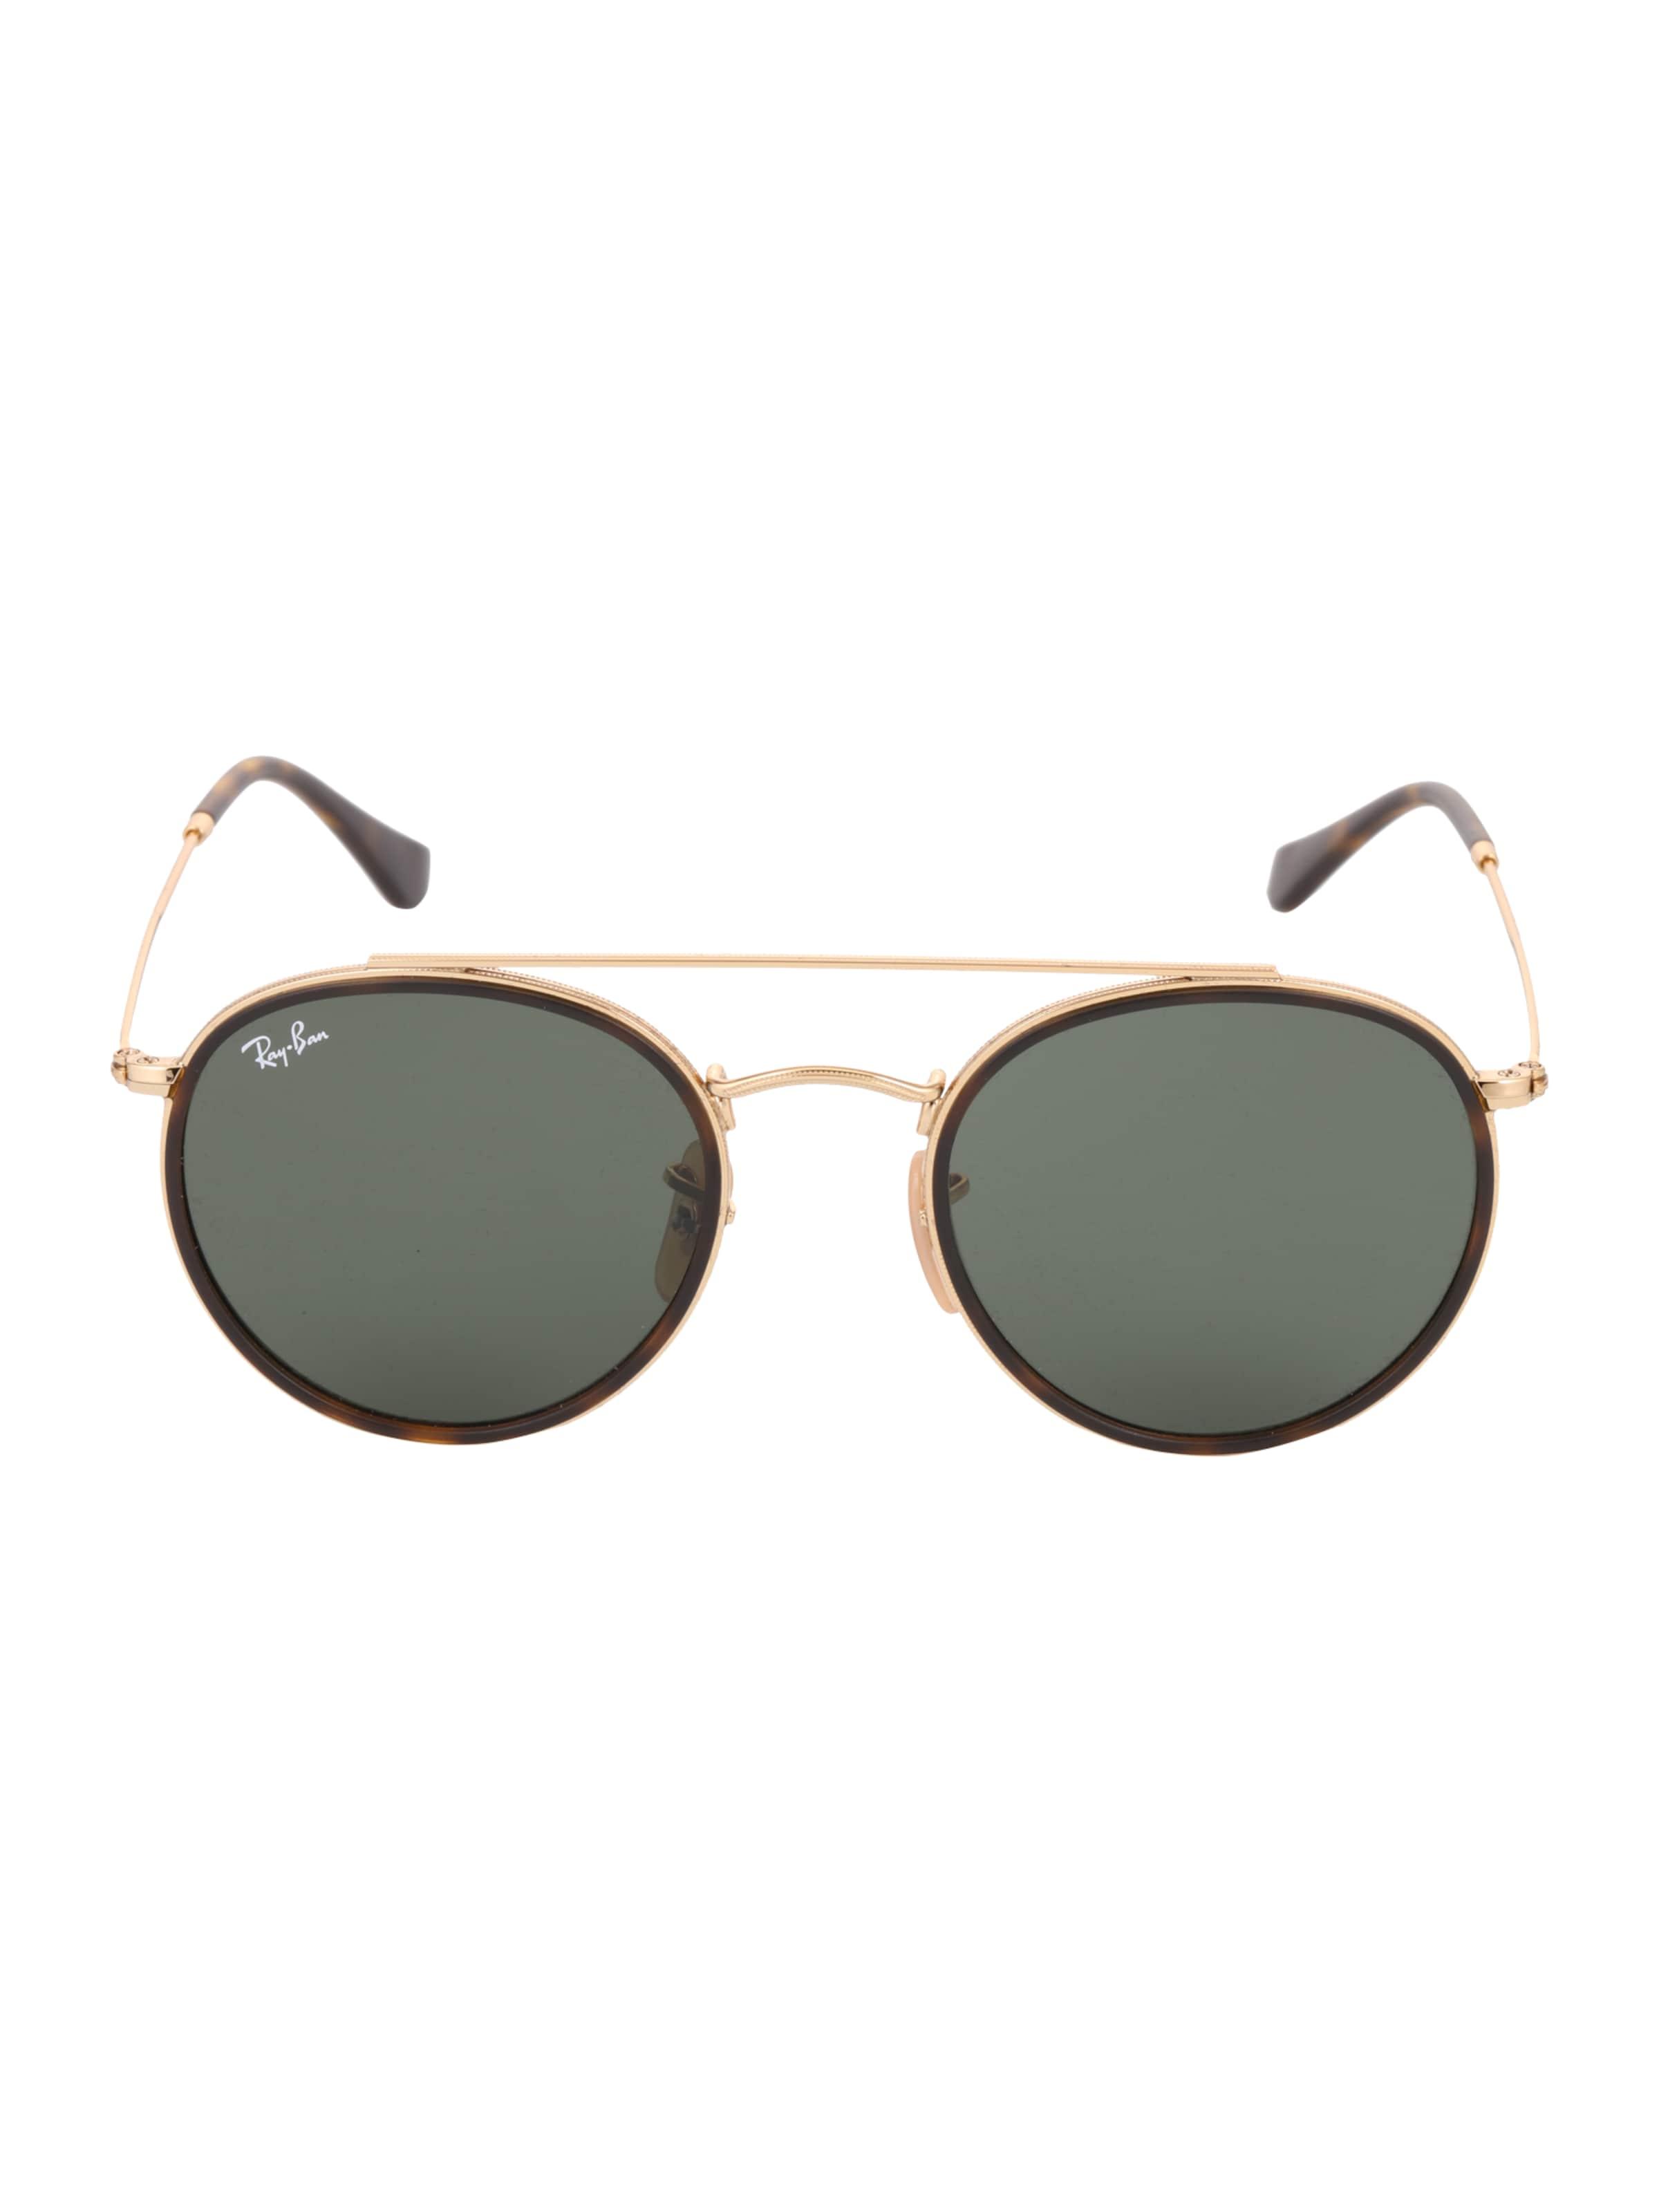 Ray-Ban Sonnenbrille mit Farbverlauf Breite Palette Von Online g9ABiRG9